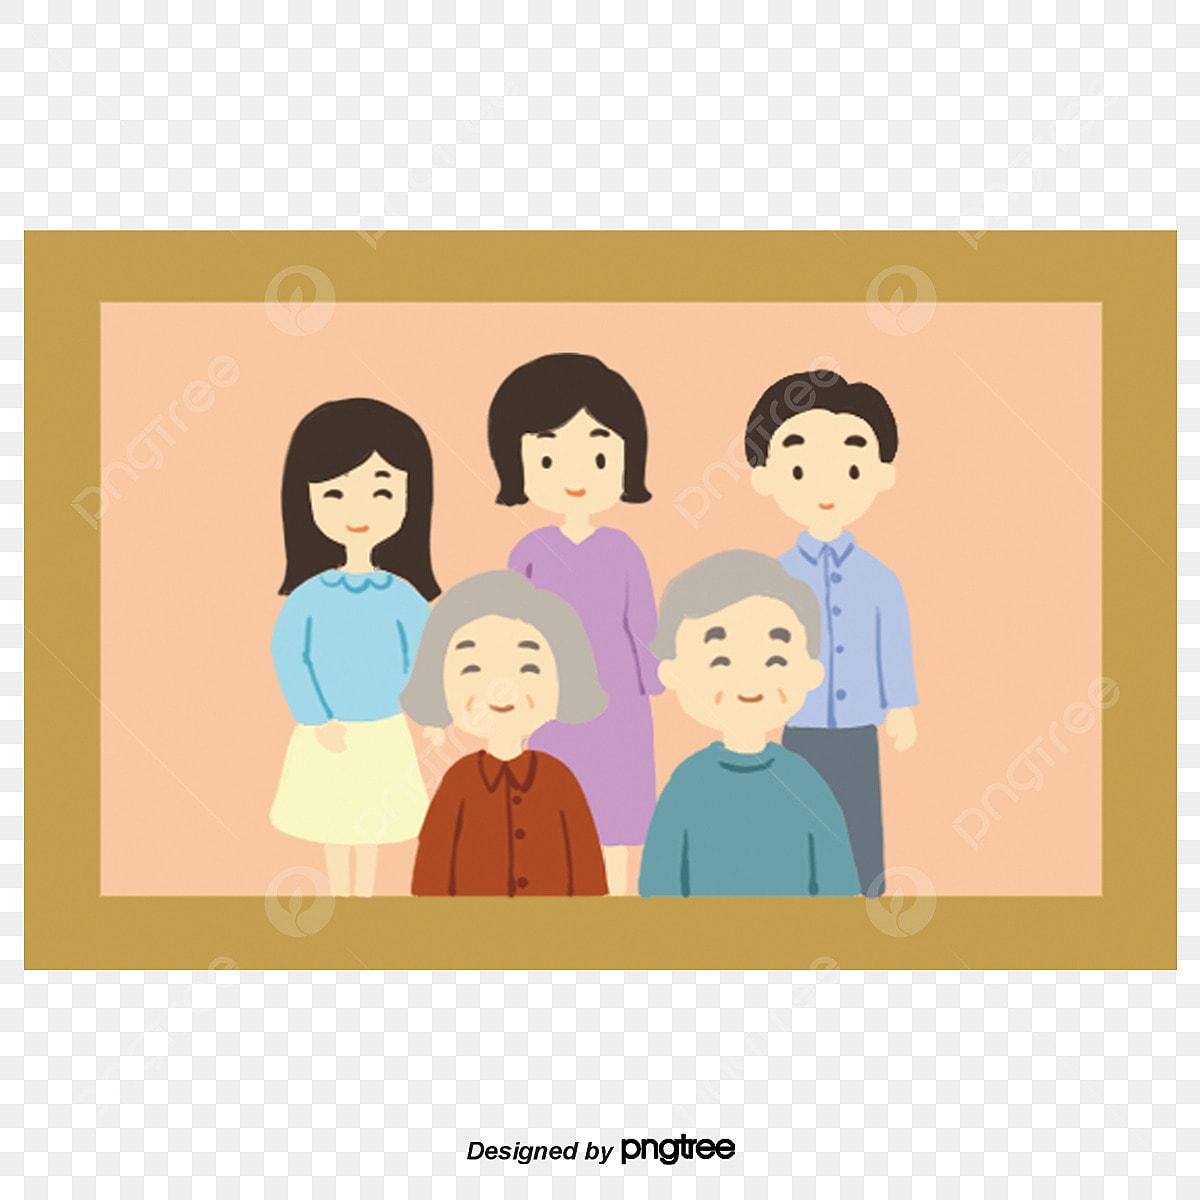 55 Gambar Kartun Foto Keluarga Gratis Gambar Kantun